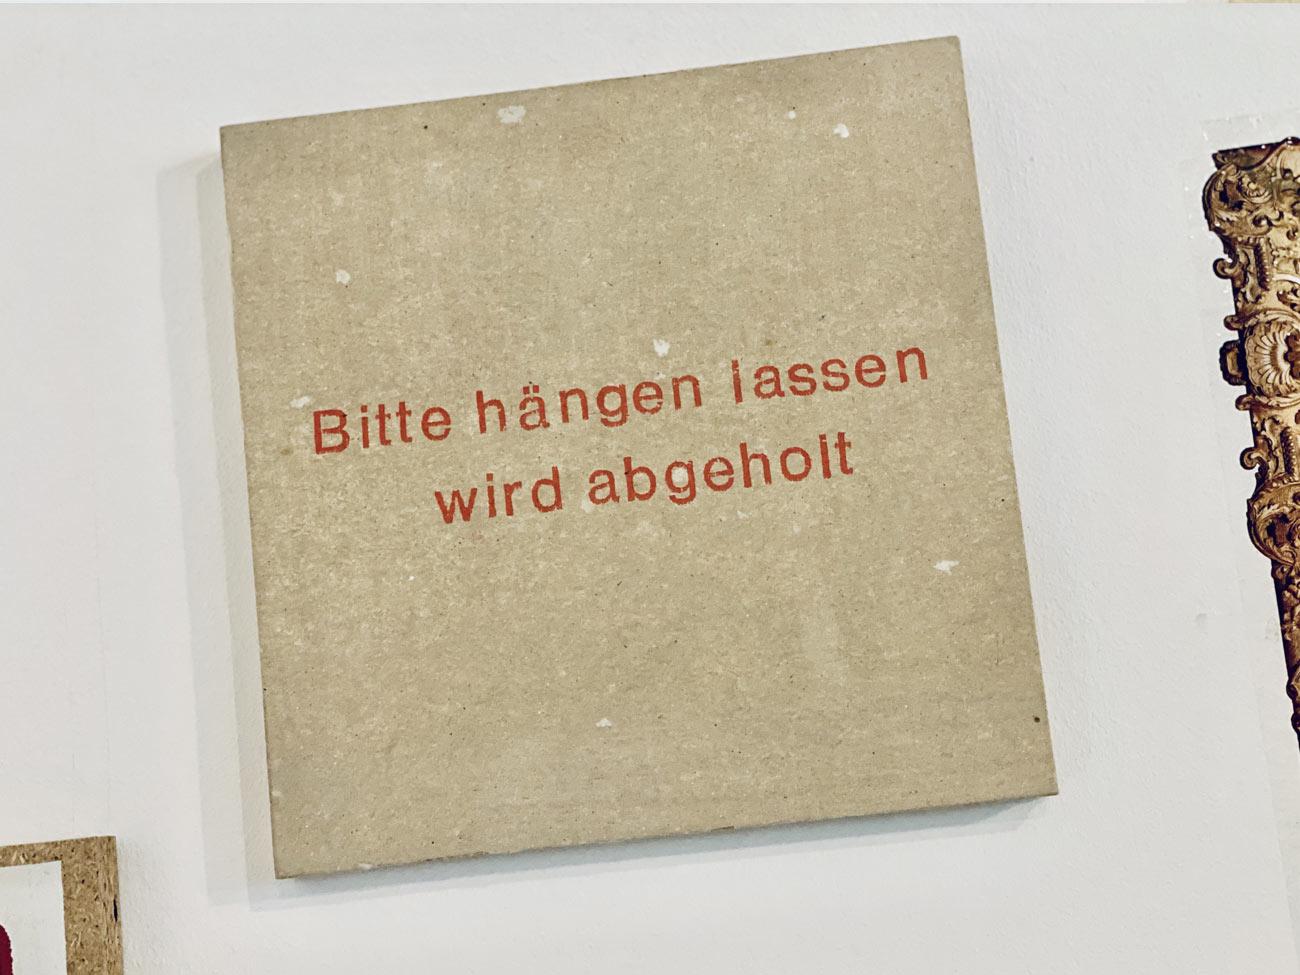 ART AND LESS, Hängen lass